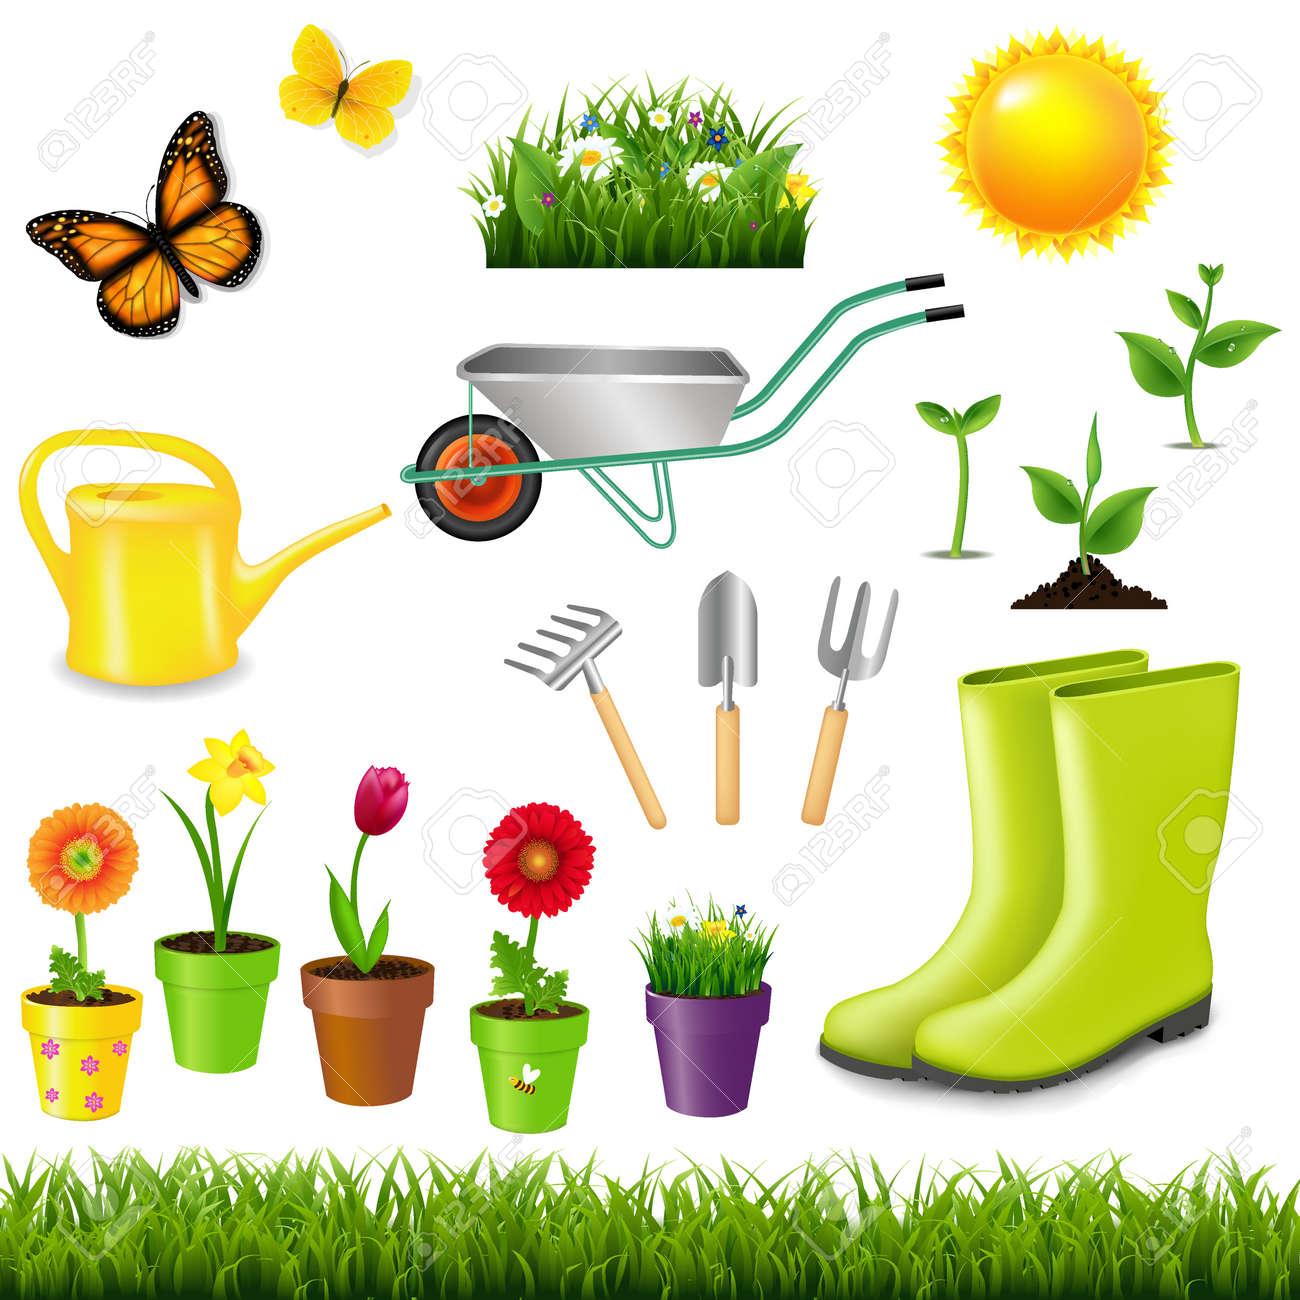 Les Outils De Jardinage Avec Photos outils de jardinage avec filet de dégradé, illustration vectorielle